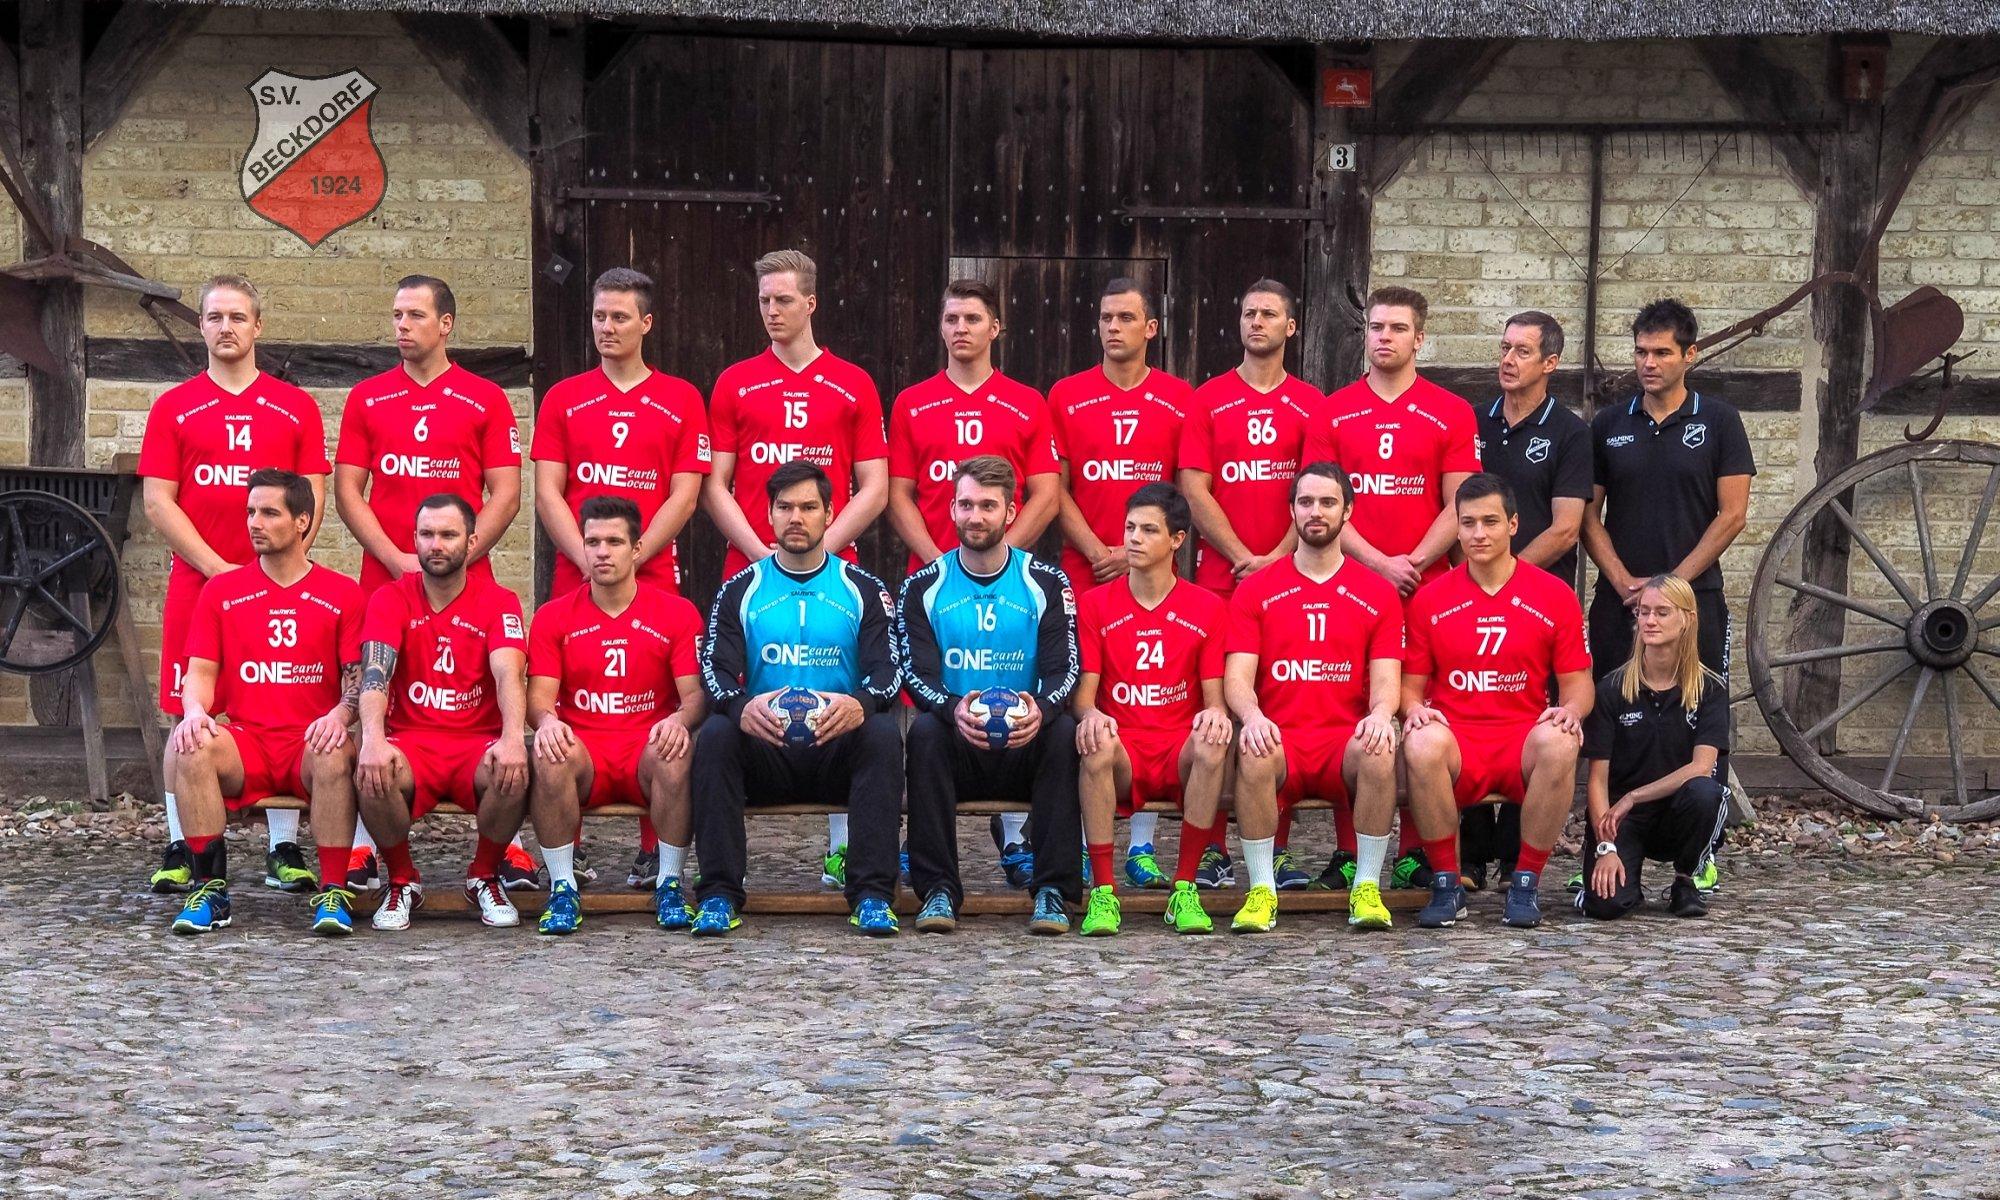 team-herren-1-2016-2017-06